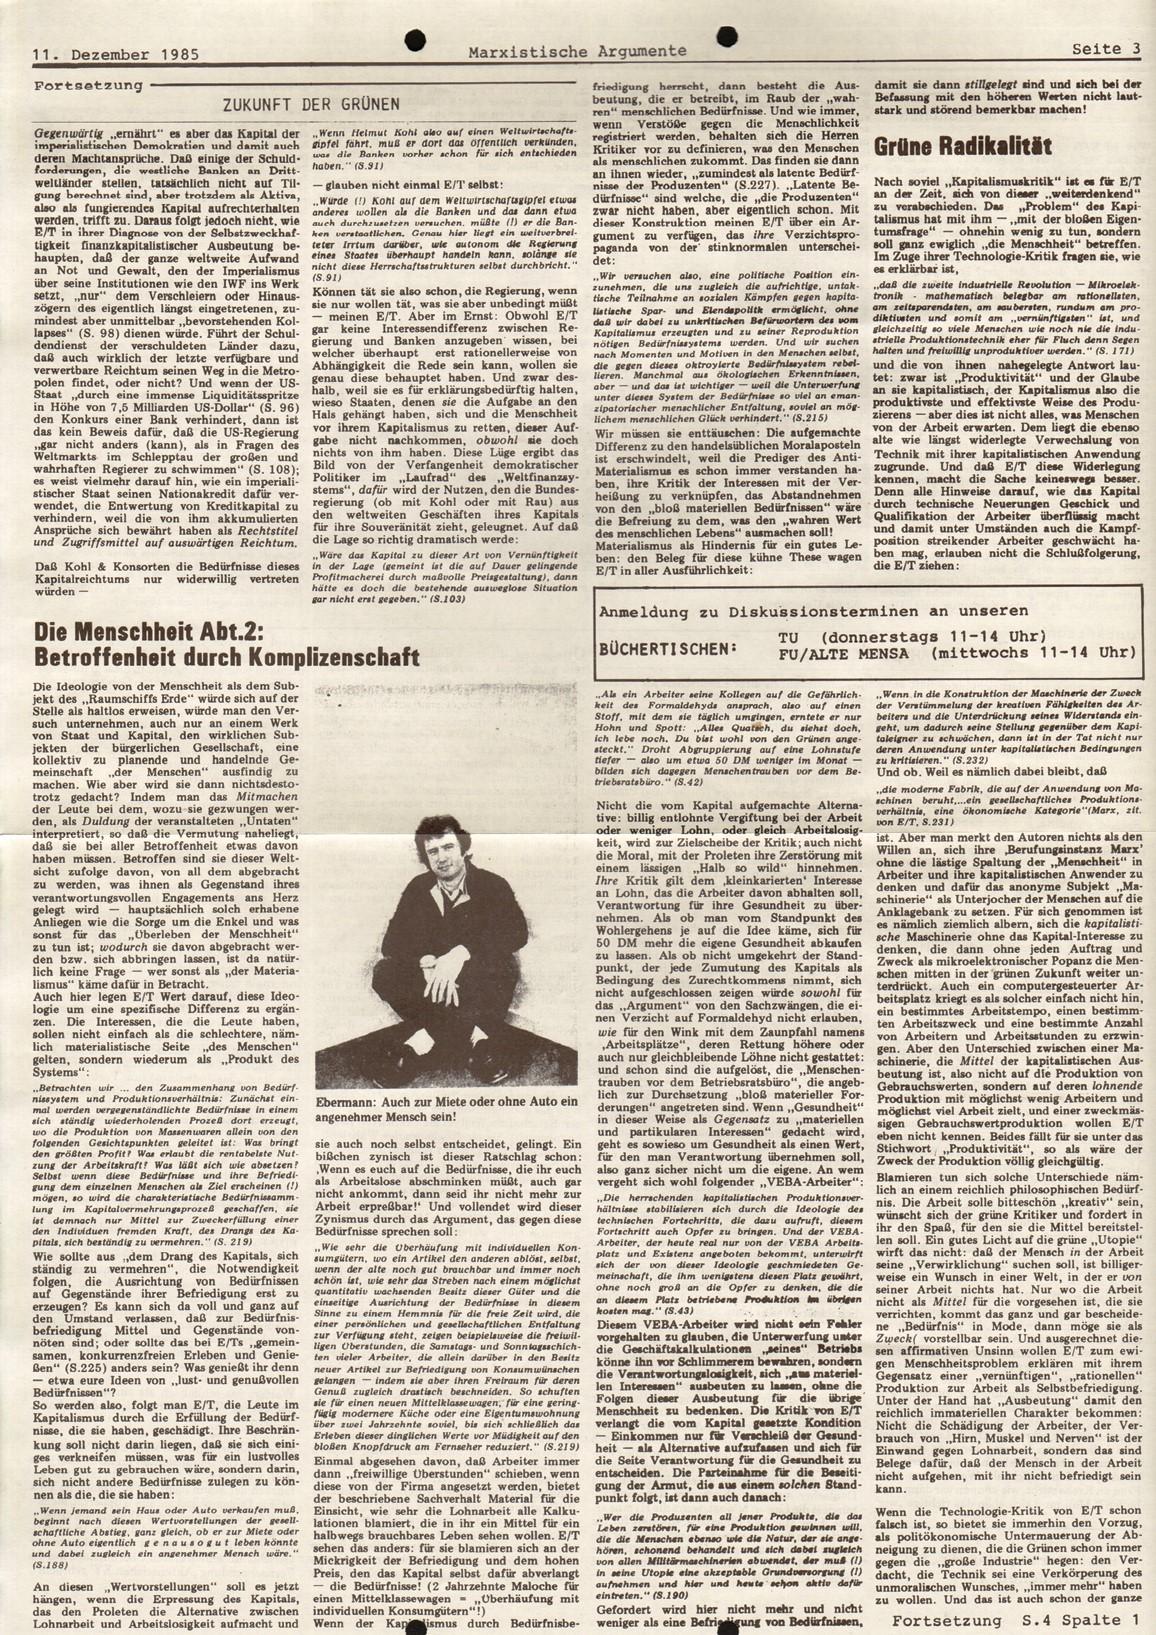 Berlin_MG_Symp_Argumente_19851211_03